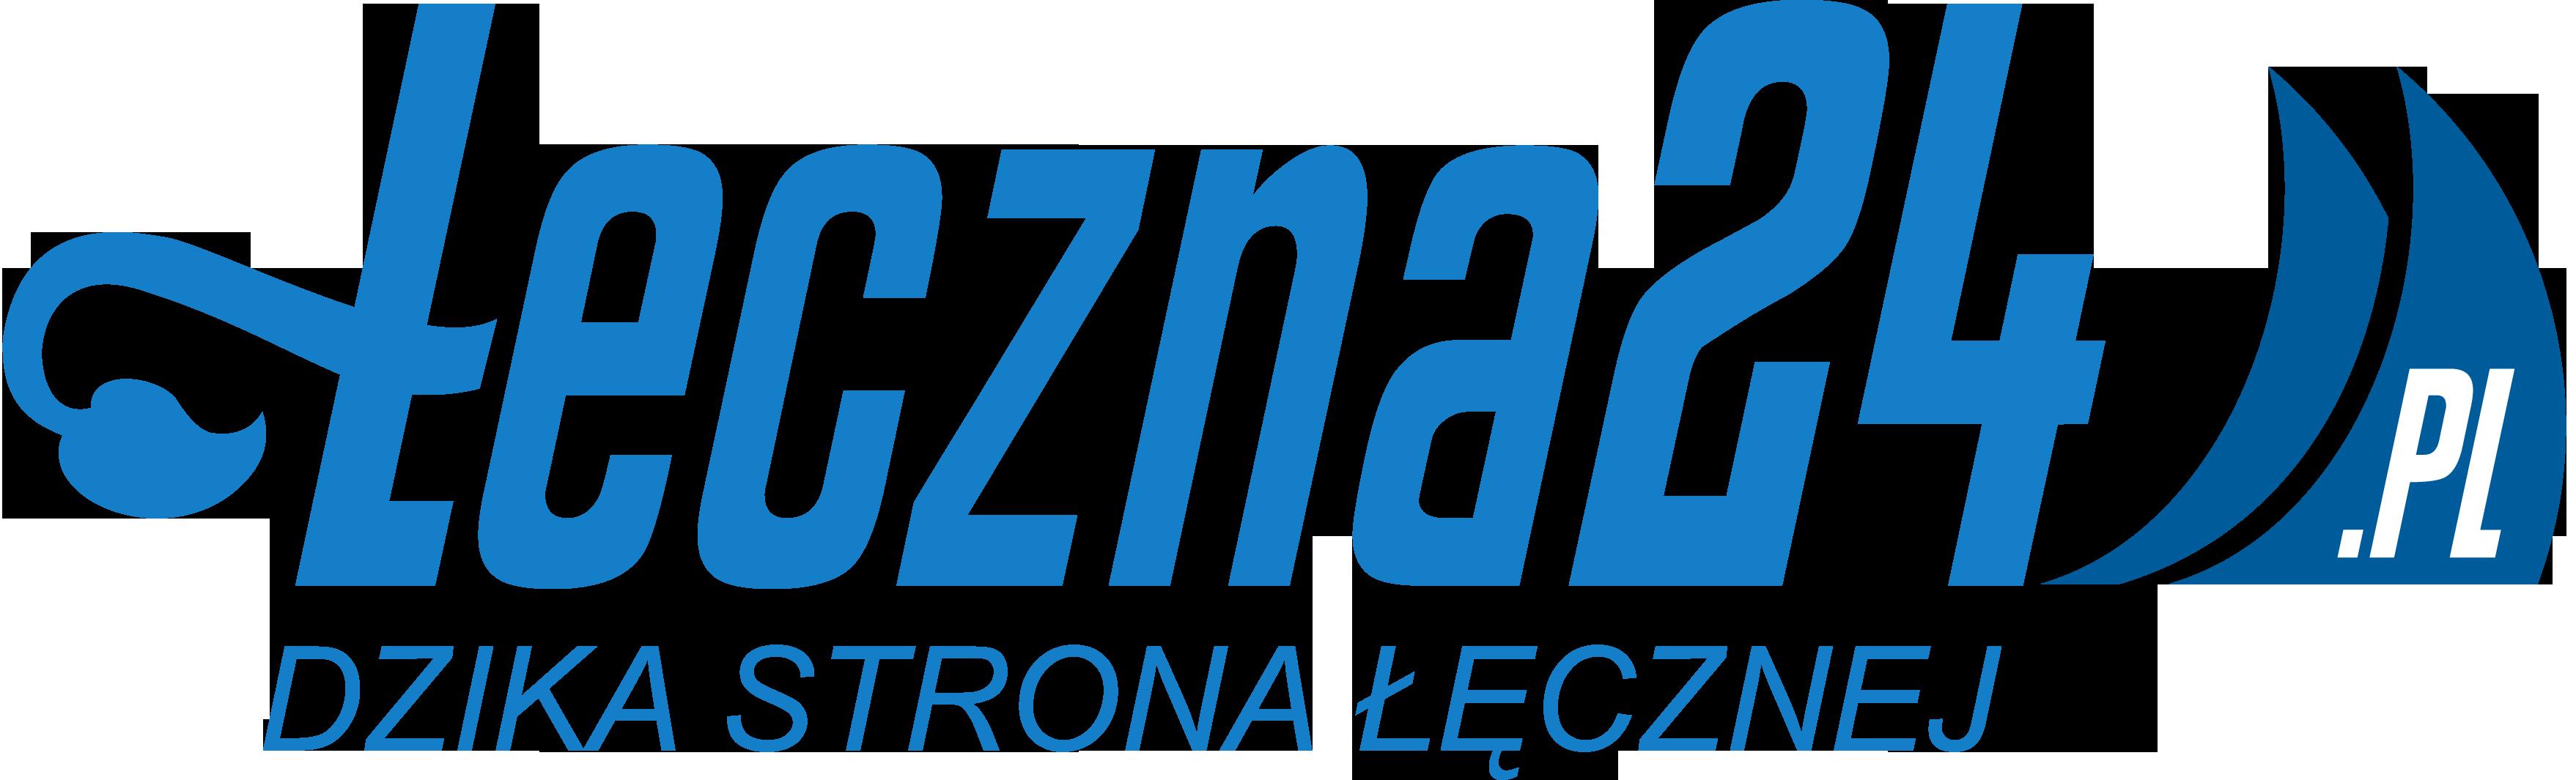 leczna24_logo_niebieskie